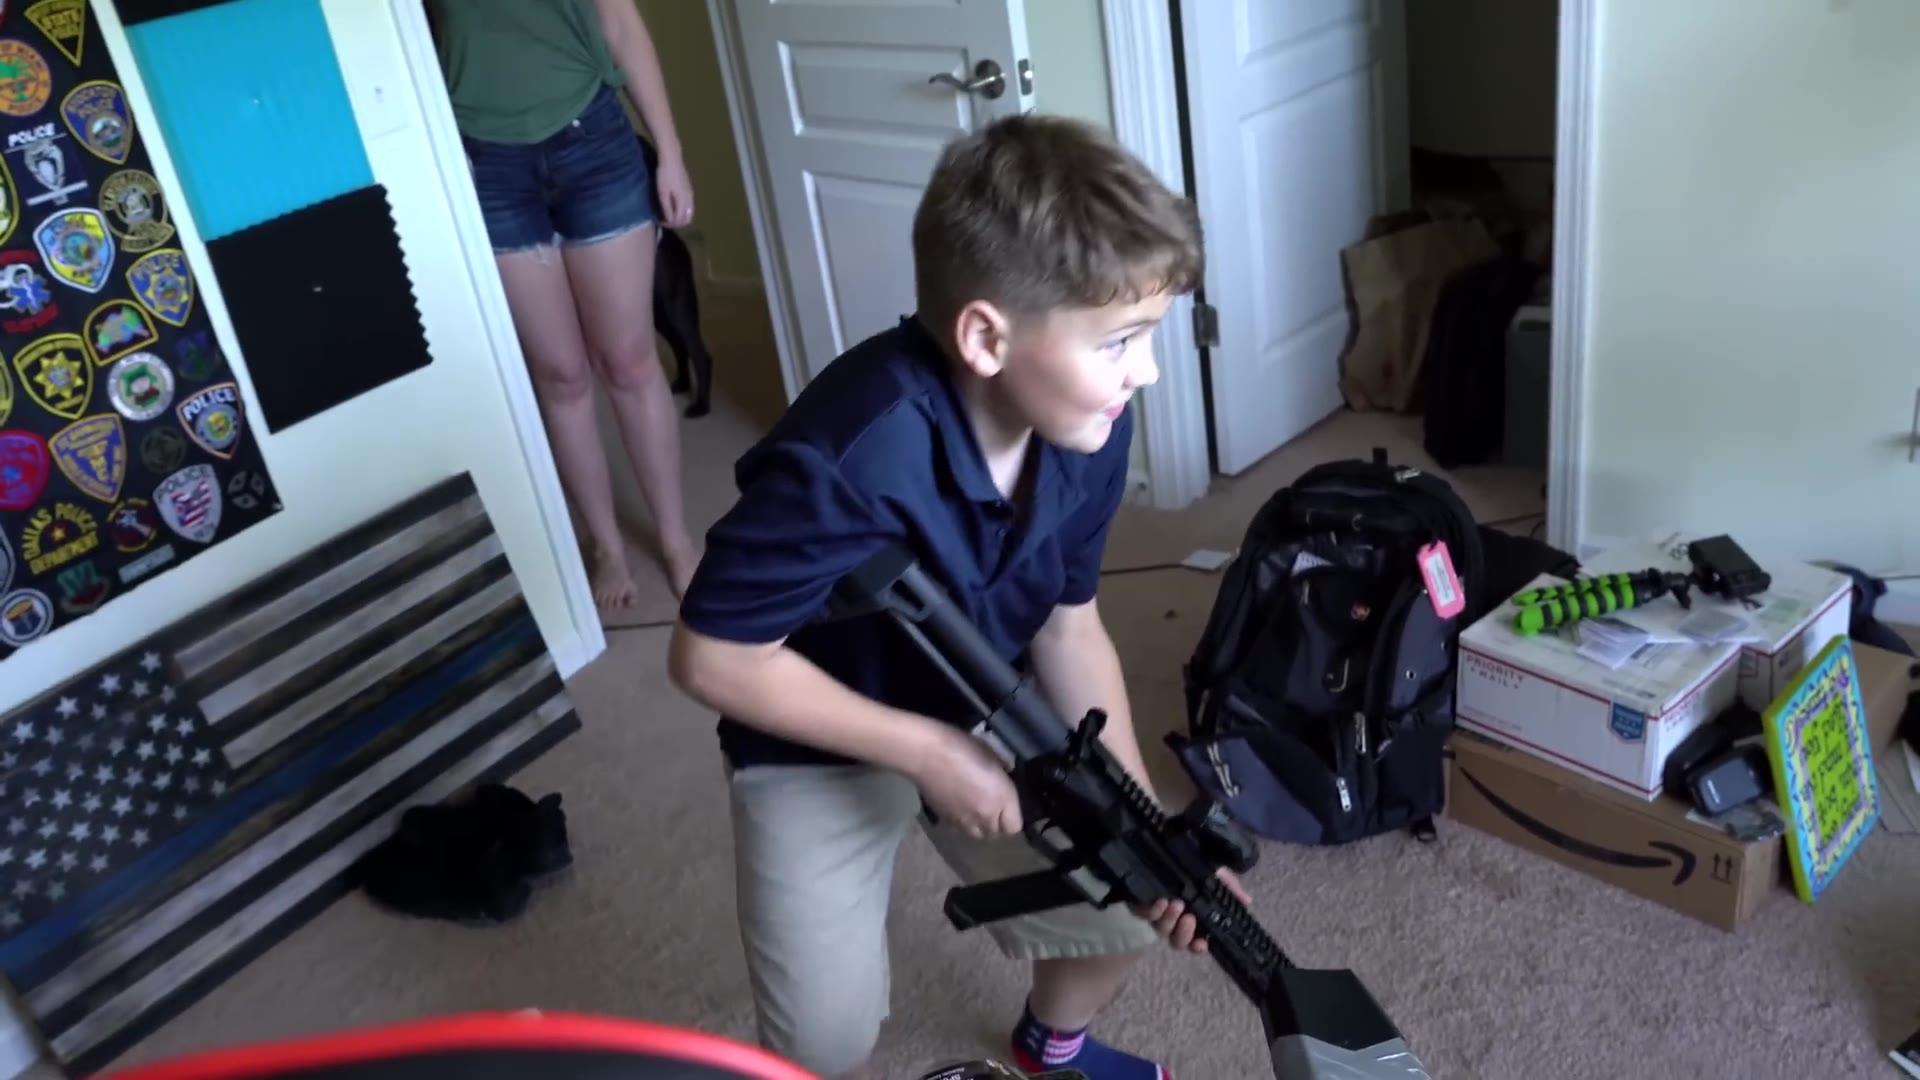 【油管搬运】我10岁儿砸的第一支枪